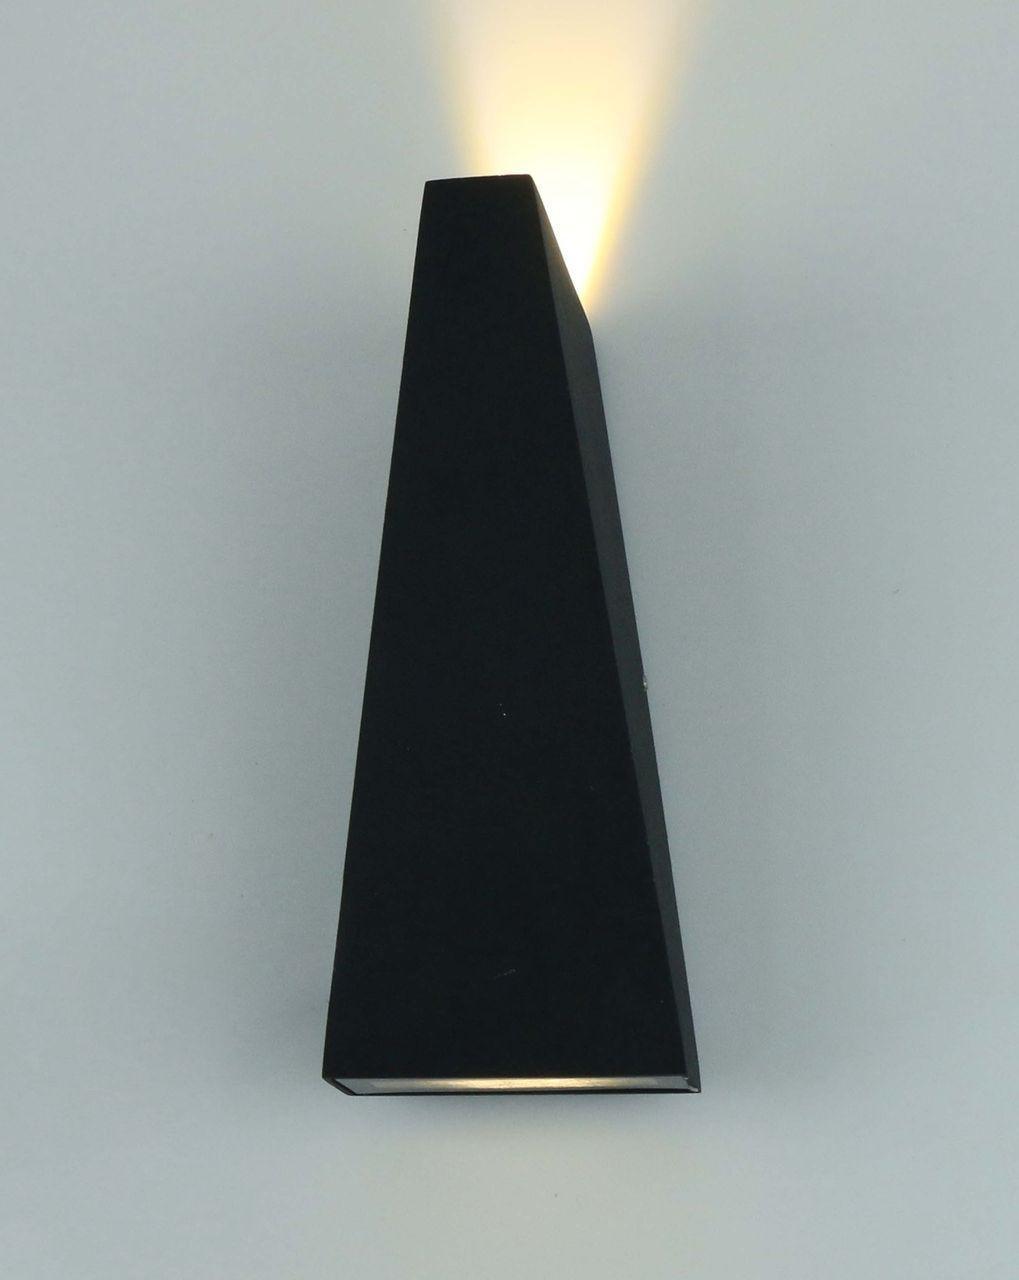 Уличный настенный светодиодный светильник Arte Lamp Cometa A1524AL-1GY уличный настенный светодиодный светильник arte lamp cometa a1524al 1wh